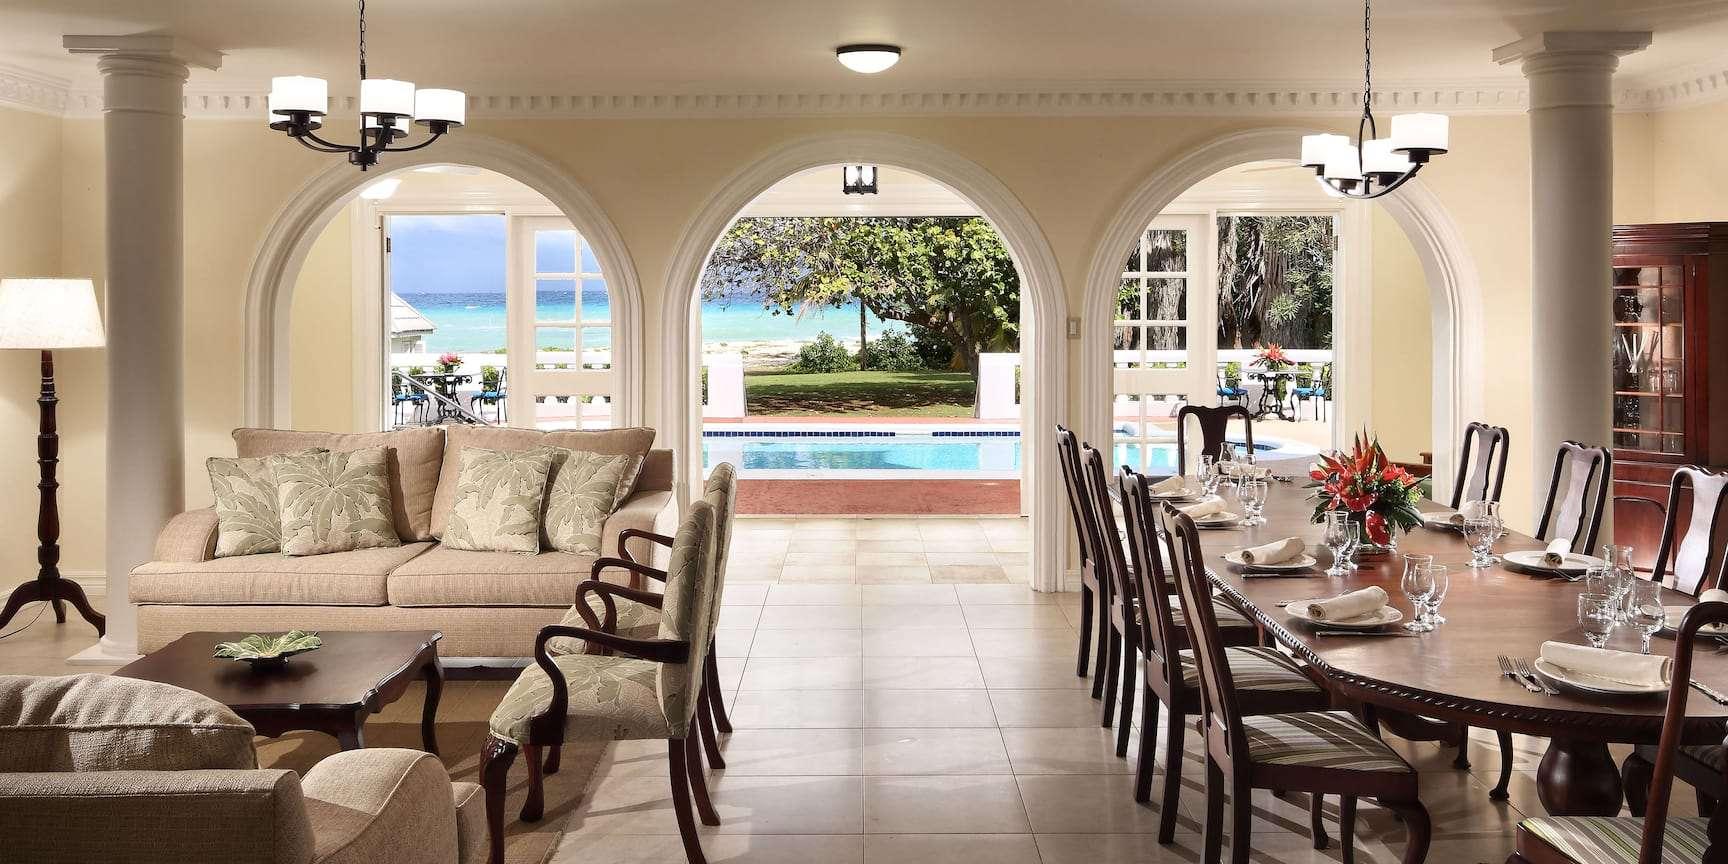 Luxury villa rentals caribbean - Jamaica - Montego bay - Half moon resort - Oceanfront Villa | 6 Bedrooms - Image 1/11